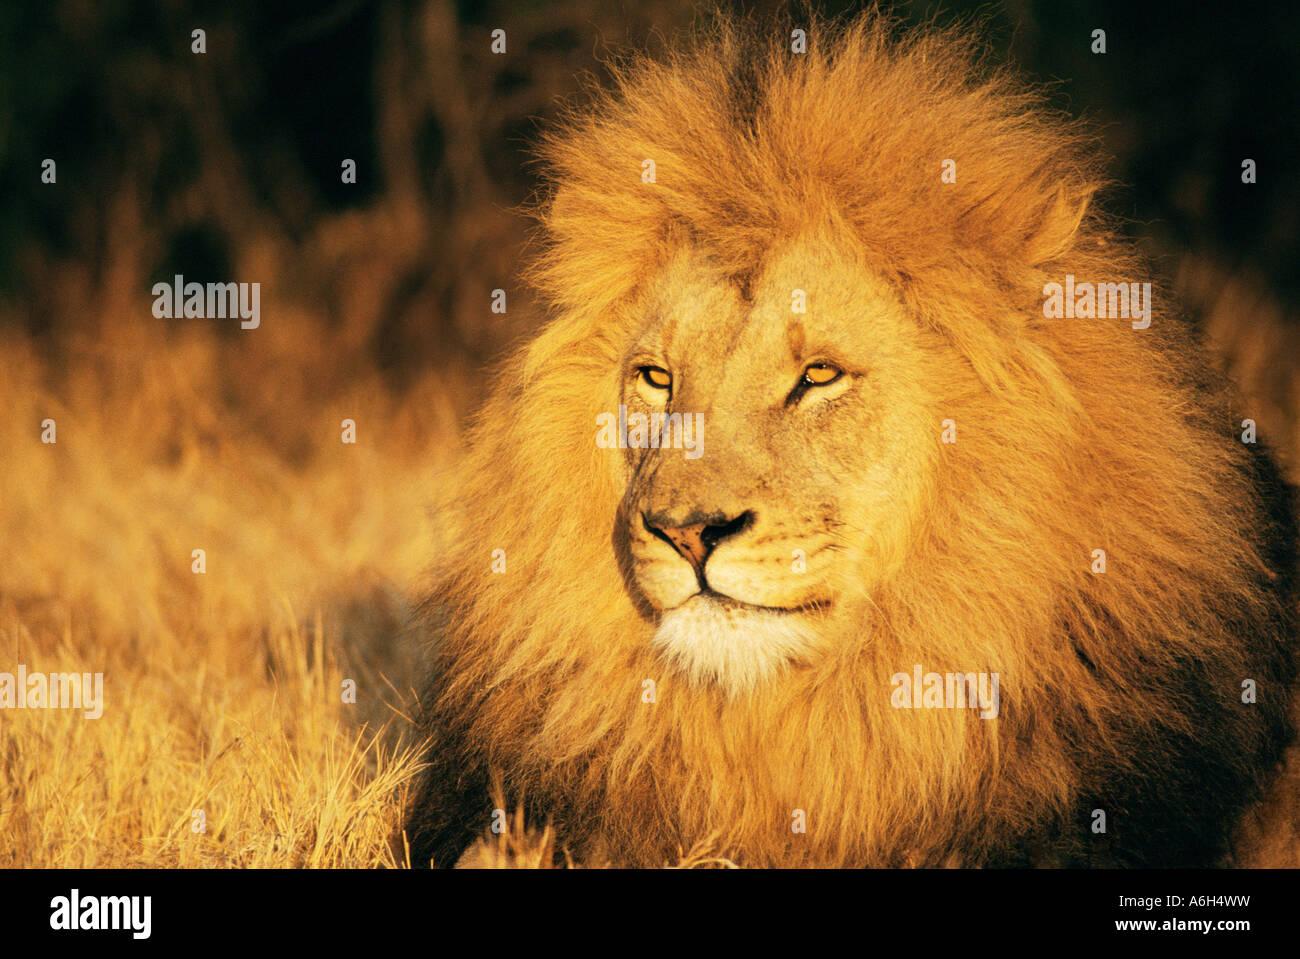 Lion Immagini Stock